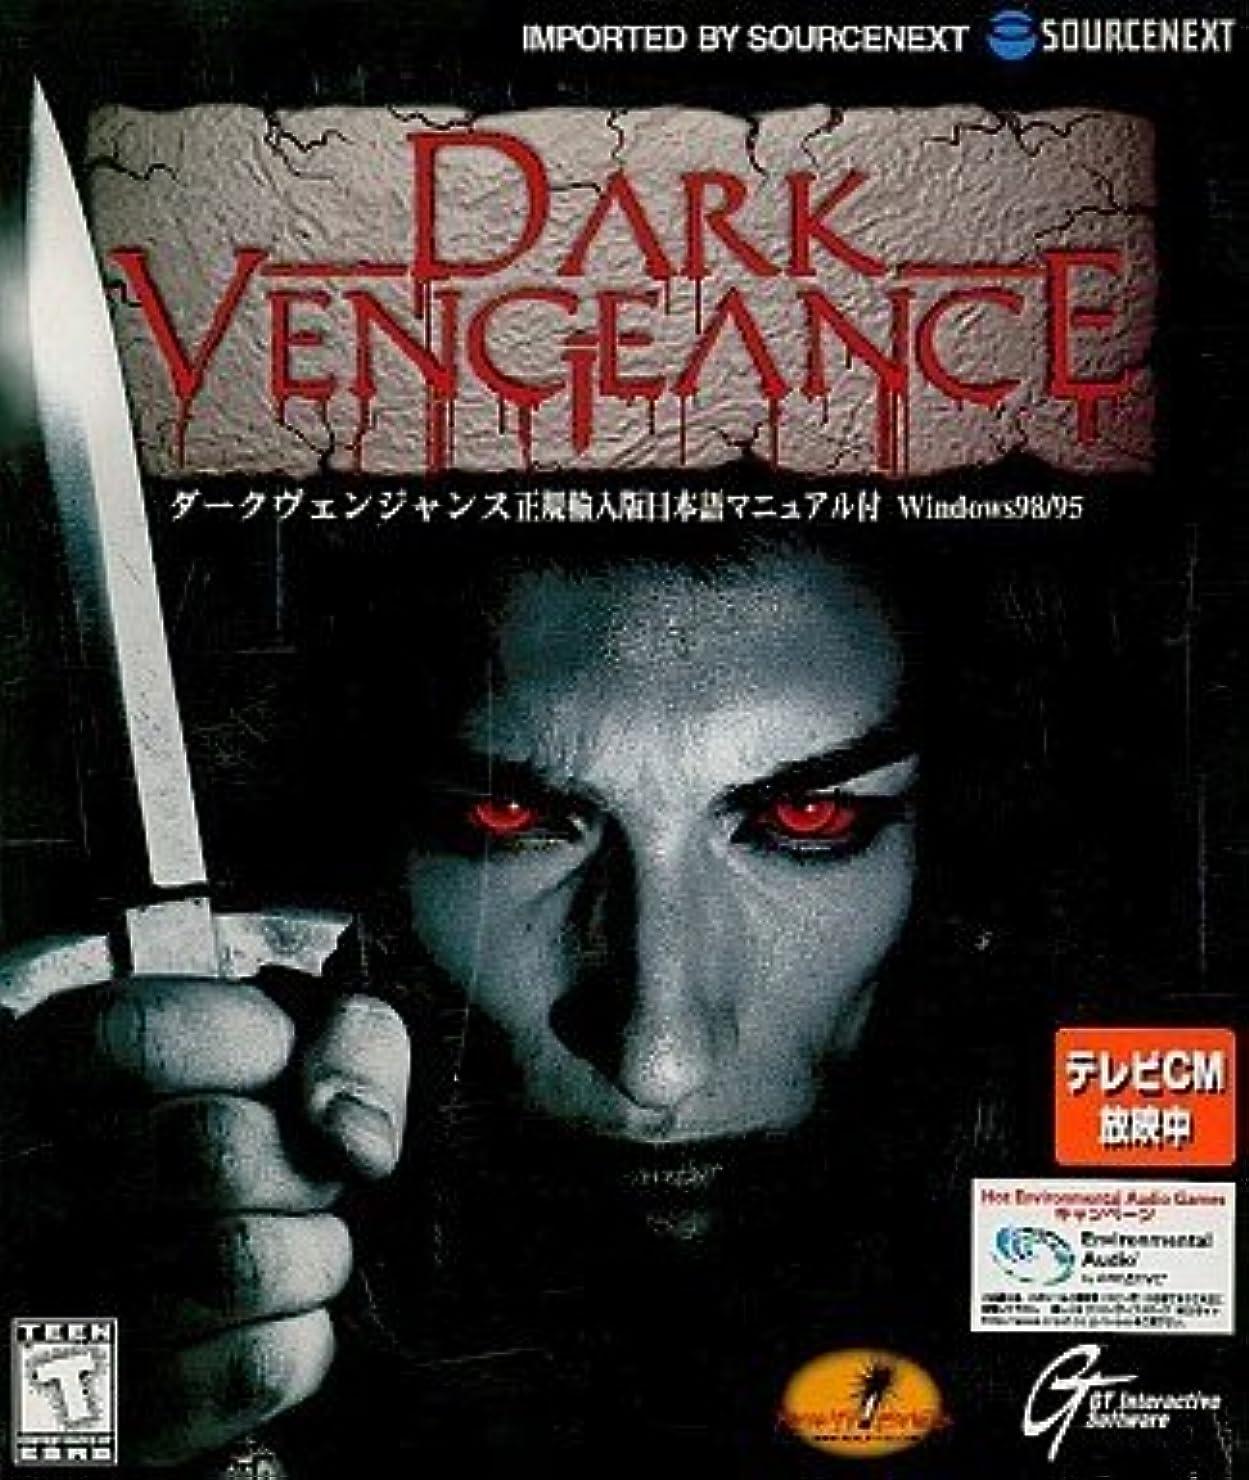 穀物六分儀会計Dark Vengeance 正規輸入版 日本語マニュアル付 Windows98/95